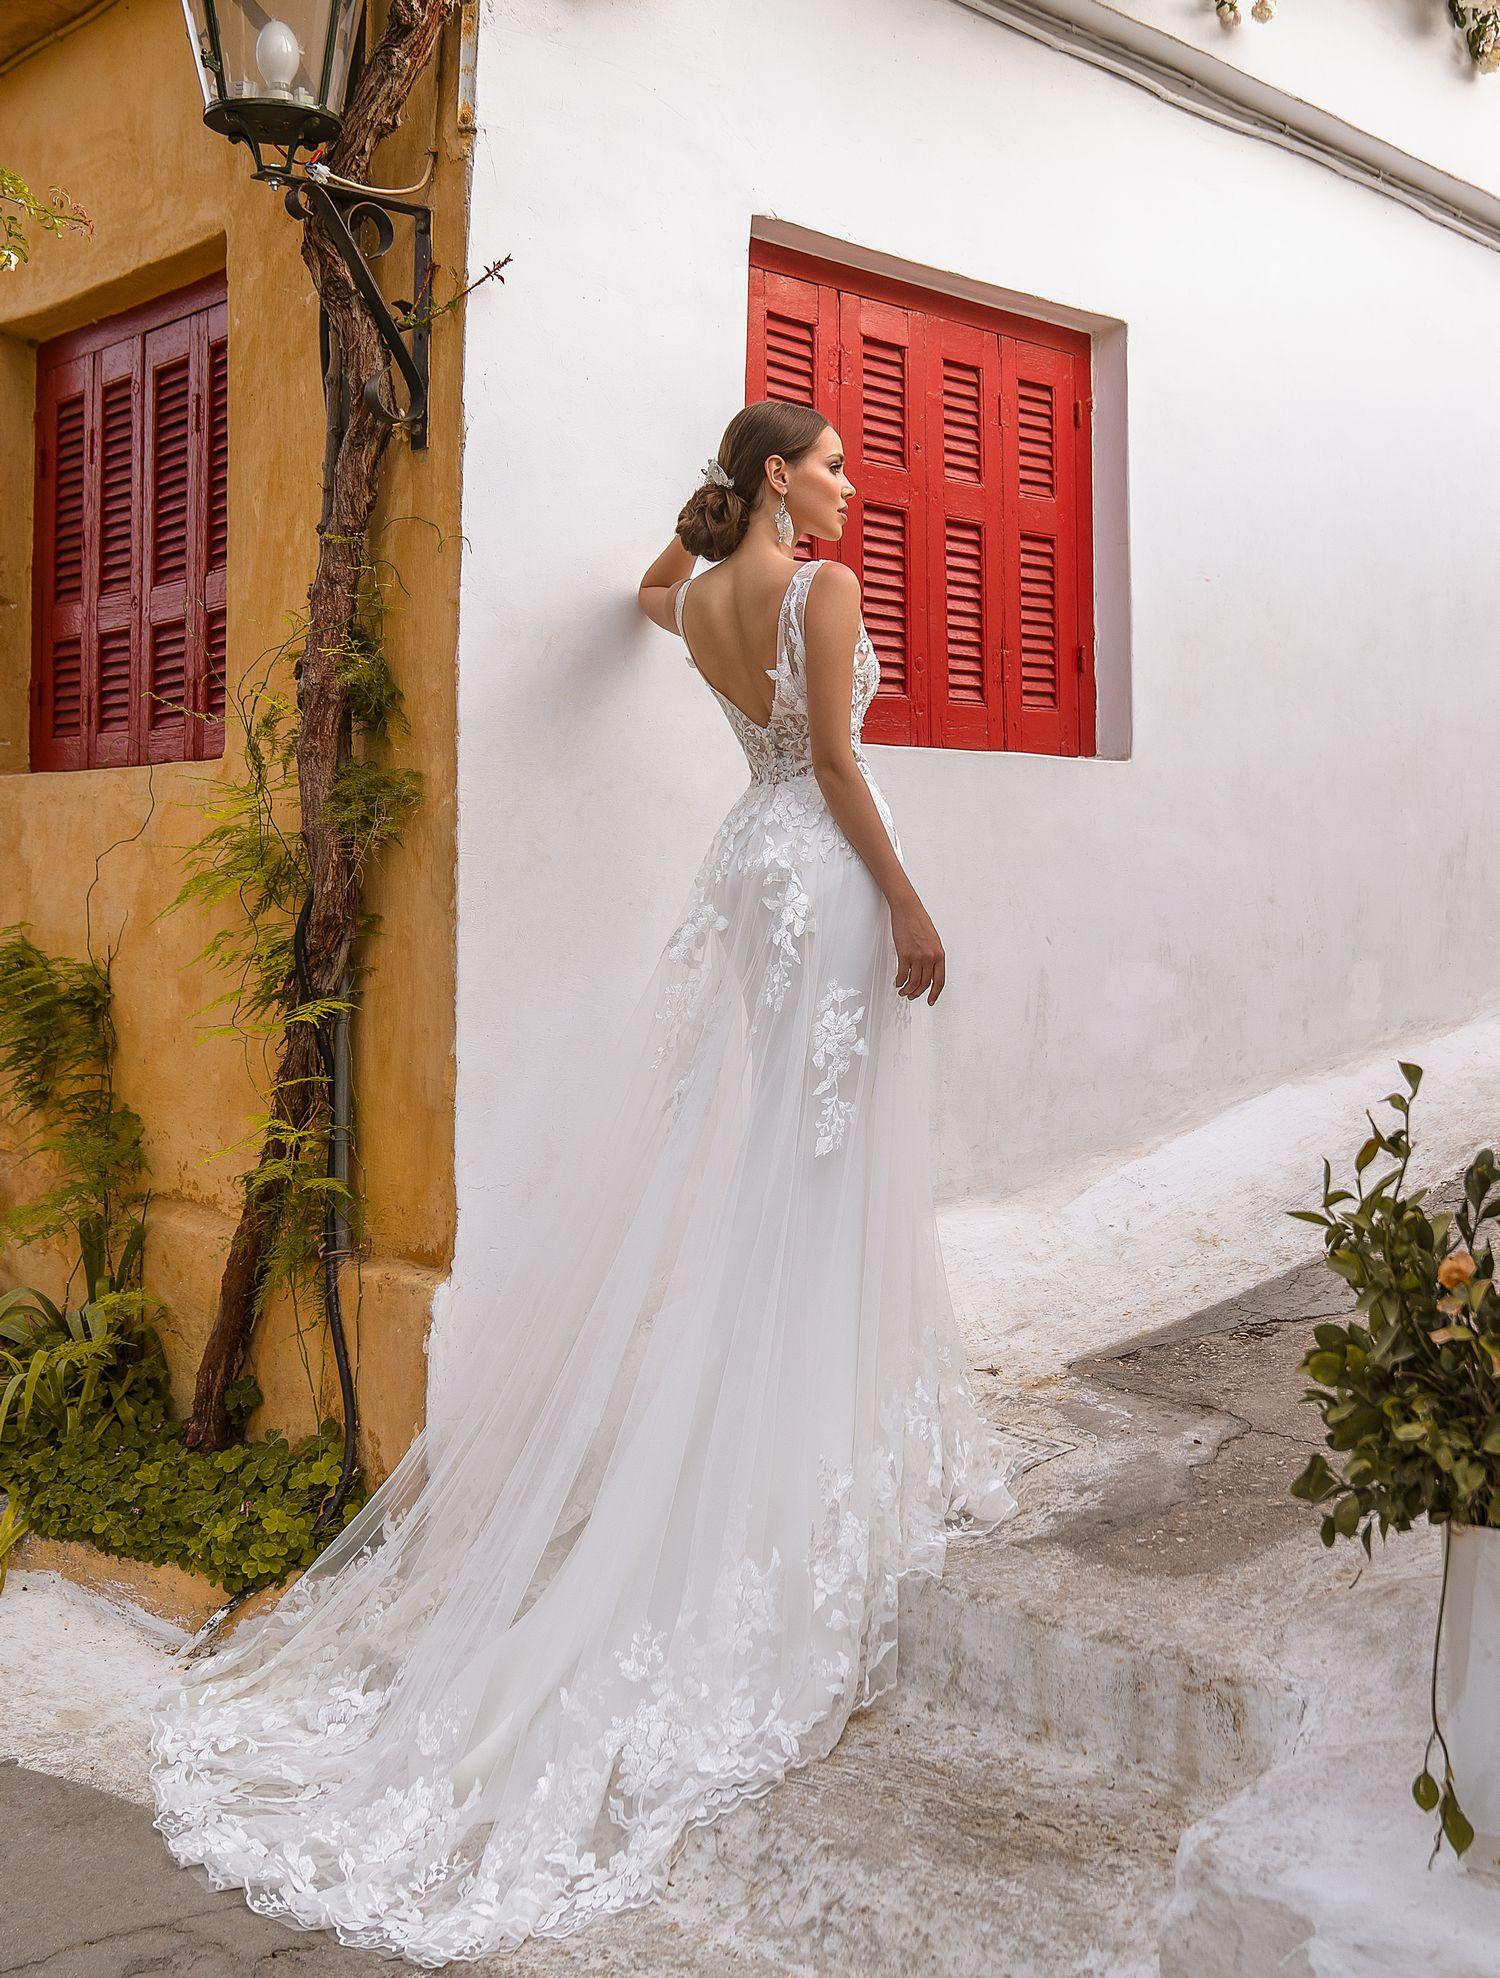 Весільна сукня з V-подібним вирізом на спині оптом від виробника Supernova-1